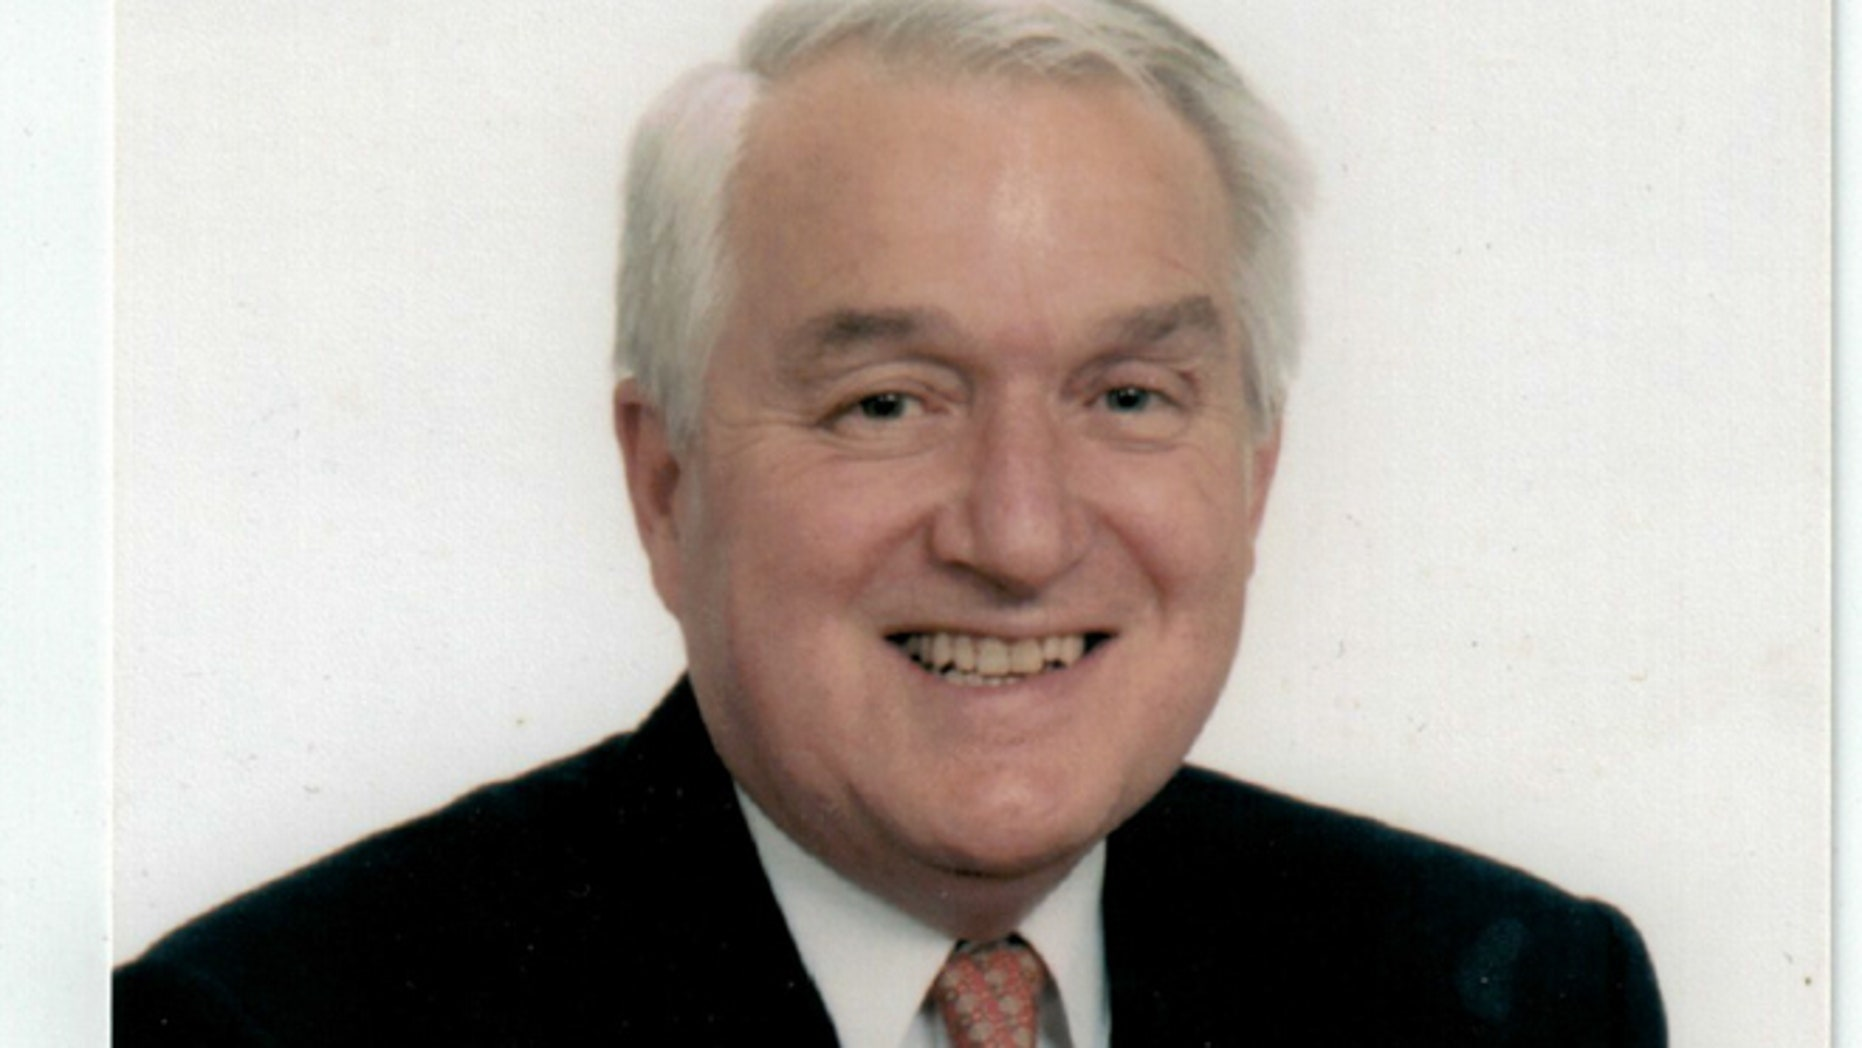 This undated photo shows Duane Clarridge.